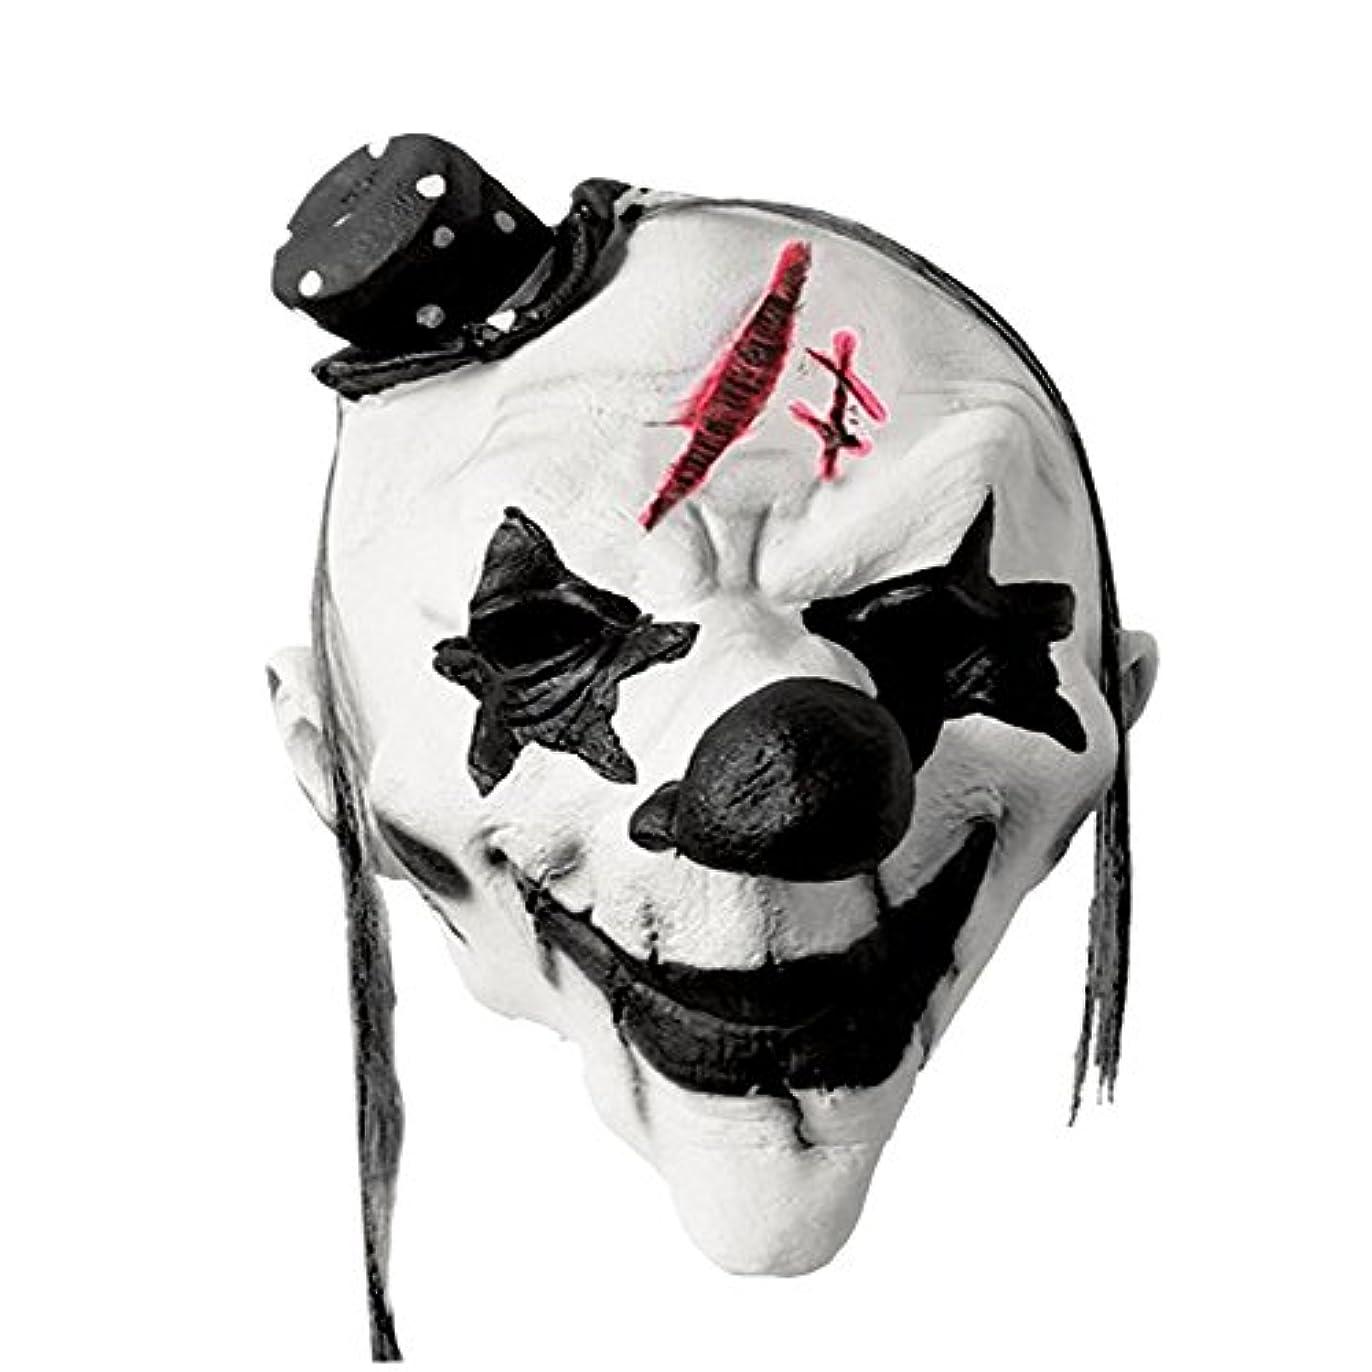 バスケットボール公式礼拝ハロウィン黒と白のピエロマスク/なりすましホラーマスクウエディングパフォーマンスショードレスアップ小道具ピエロマスク